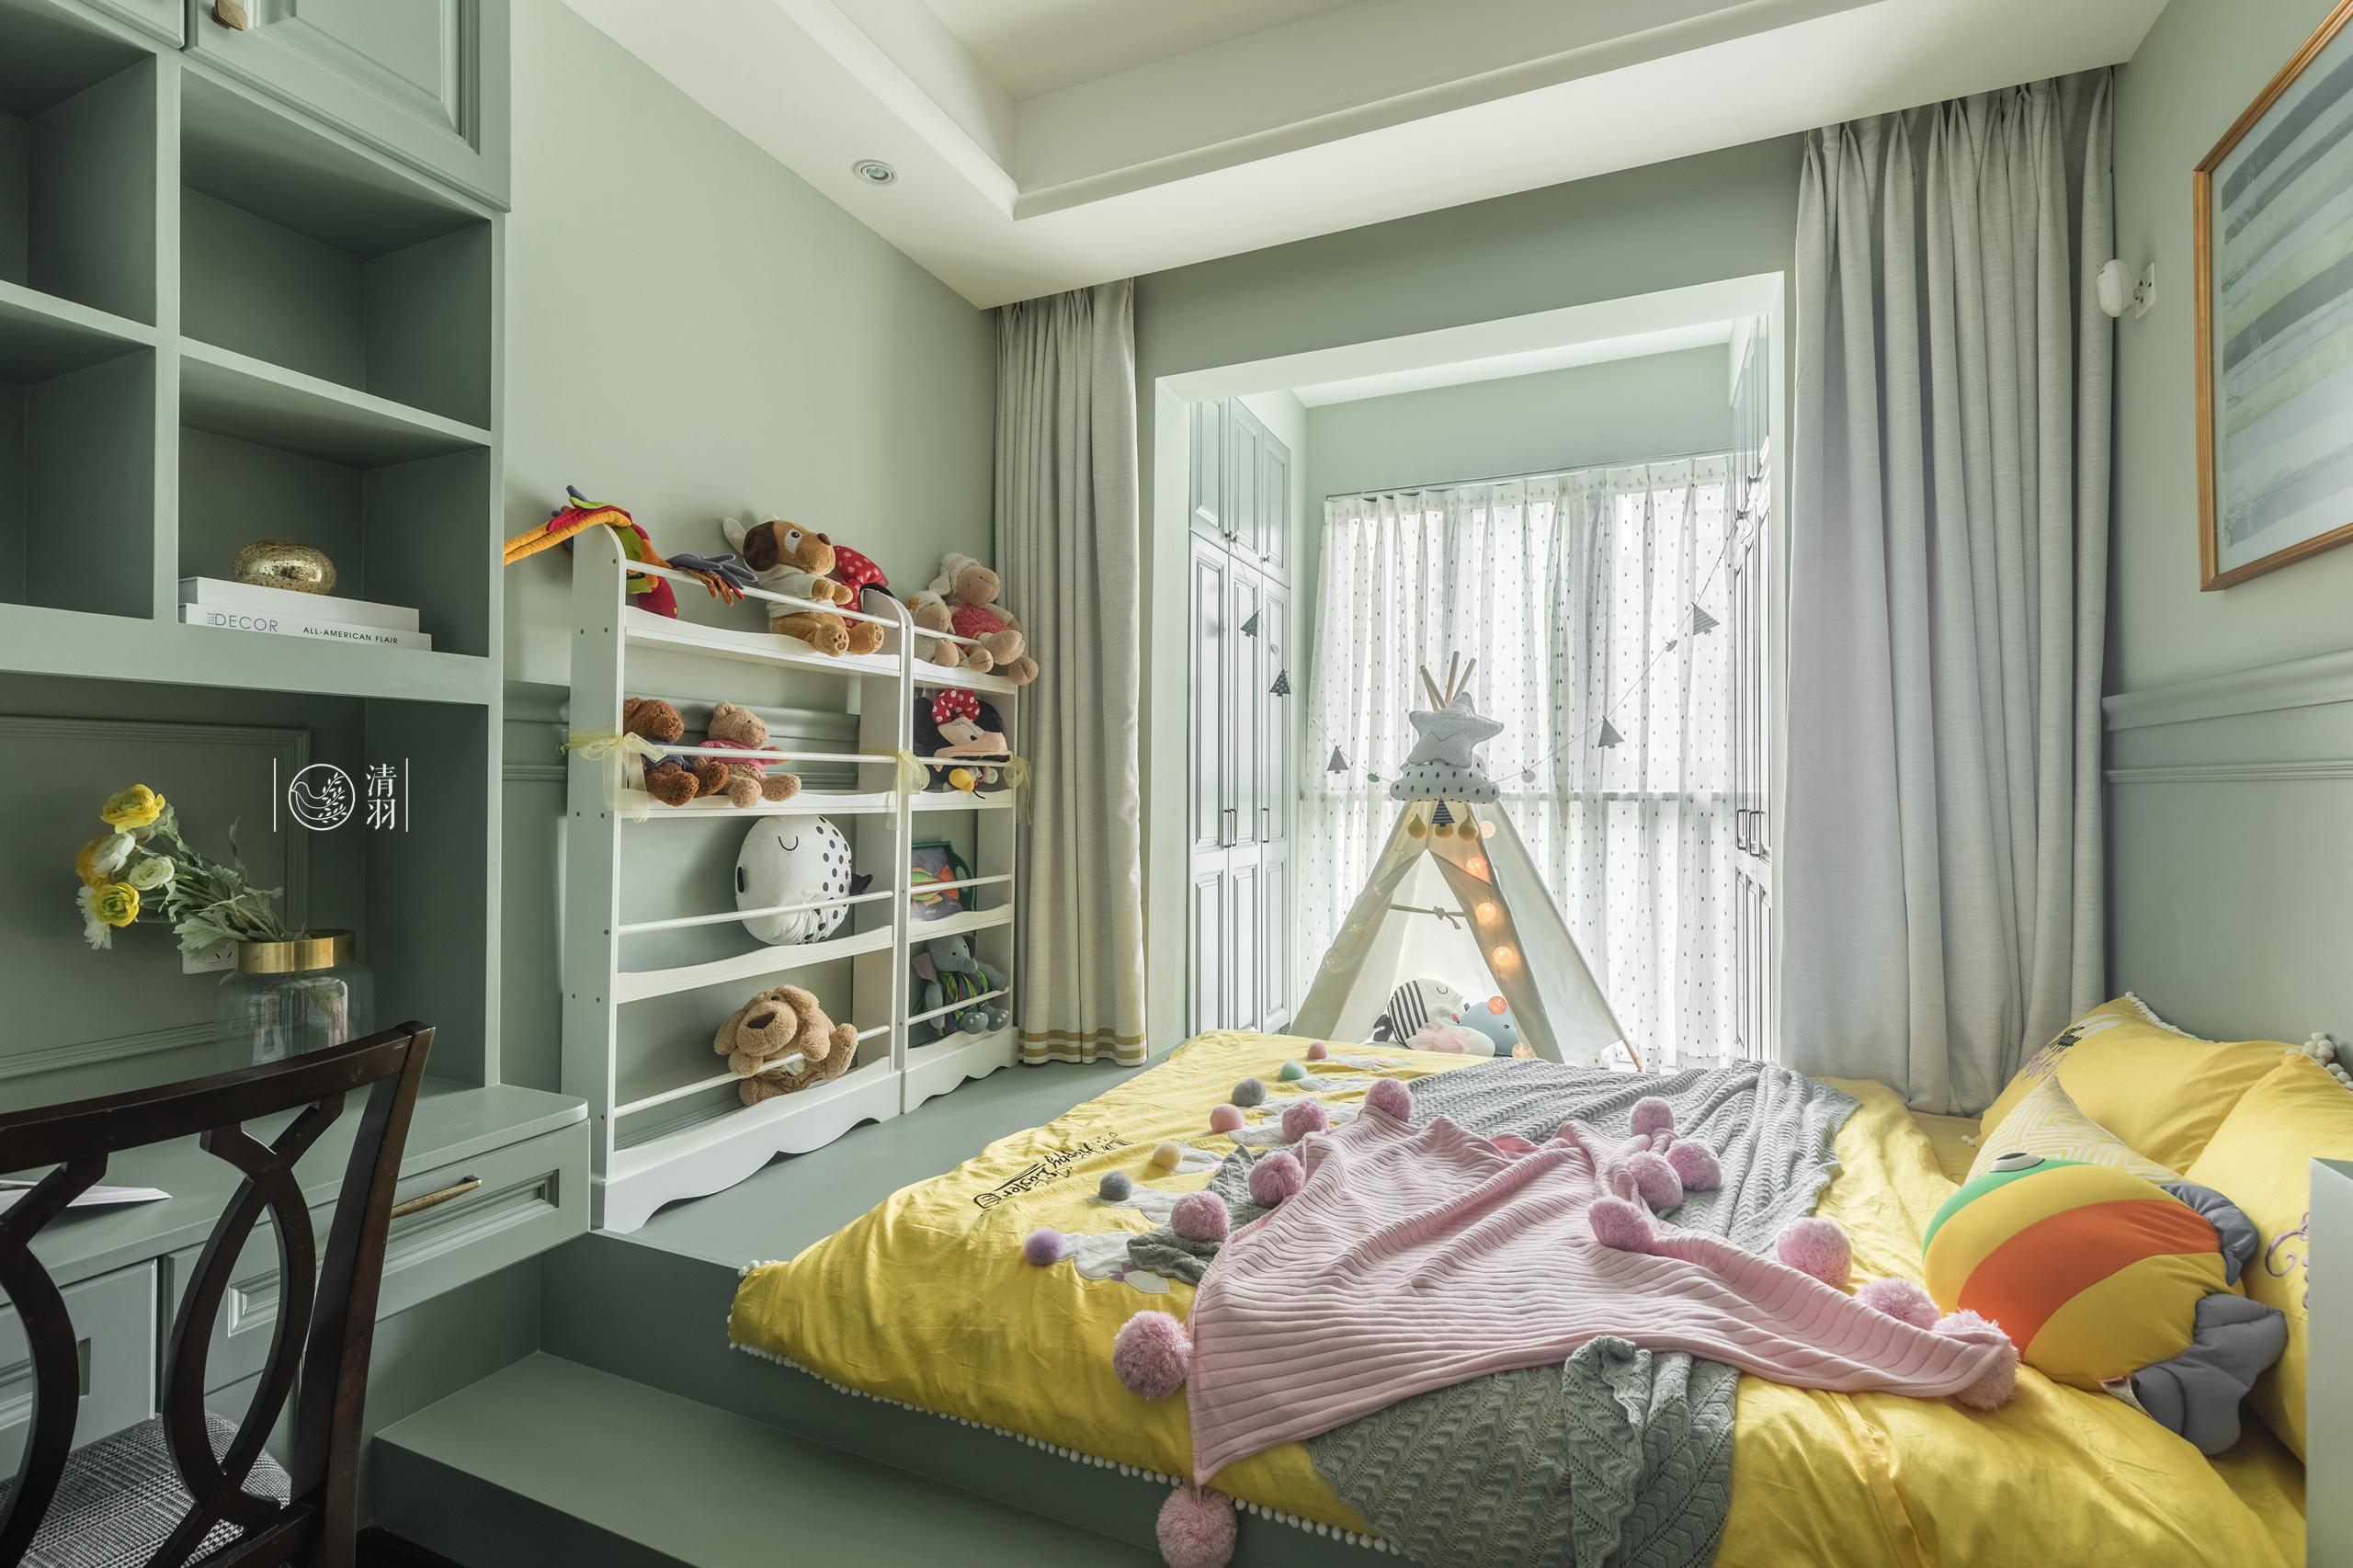 美式现代三居榻榻米儿童房装修效果图